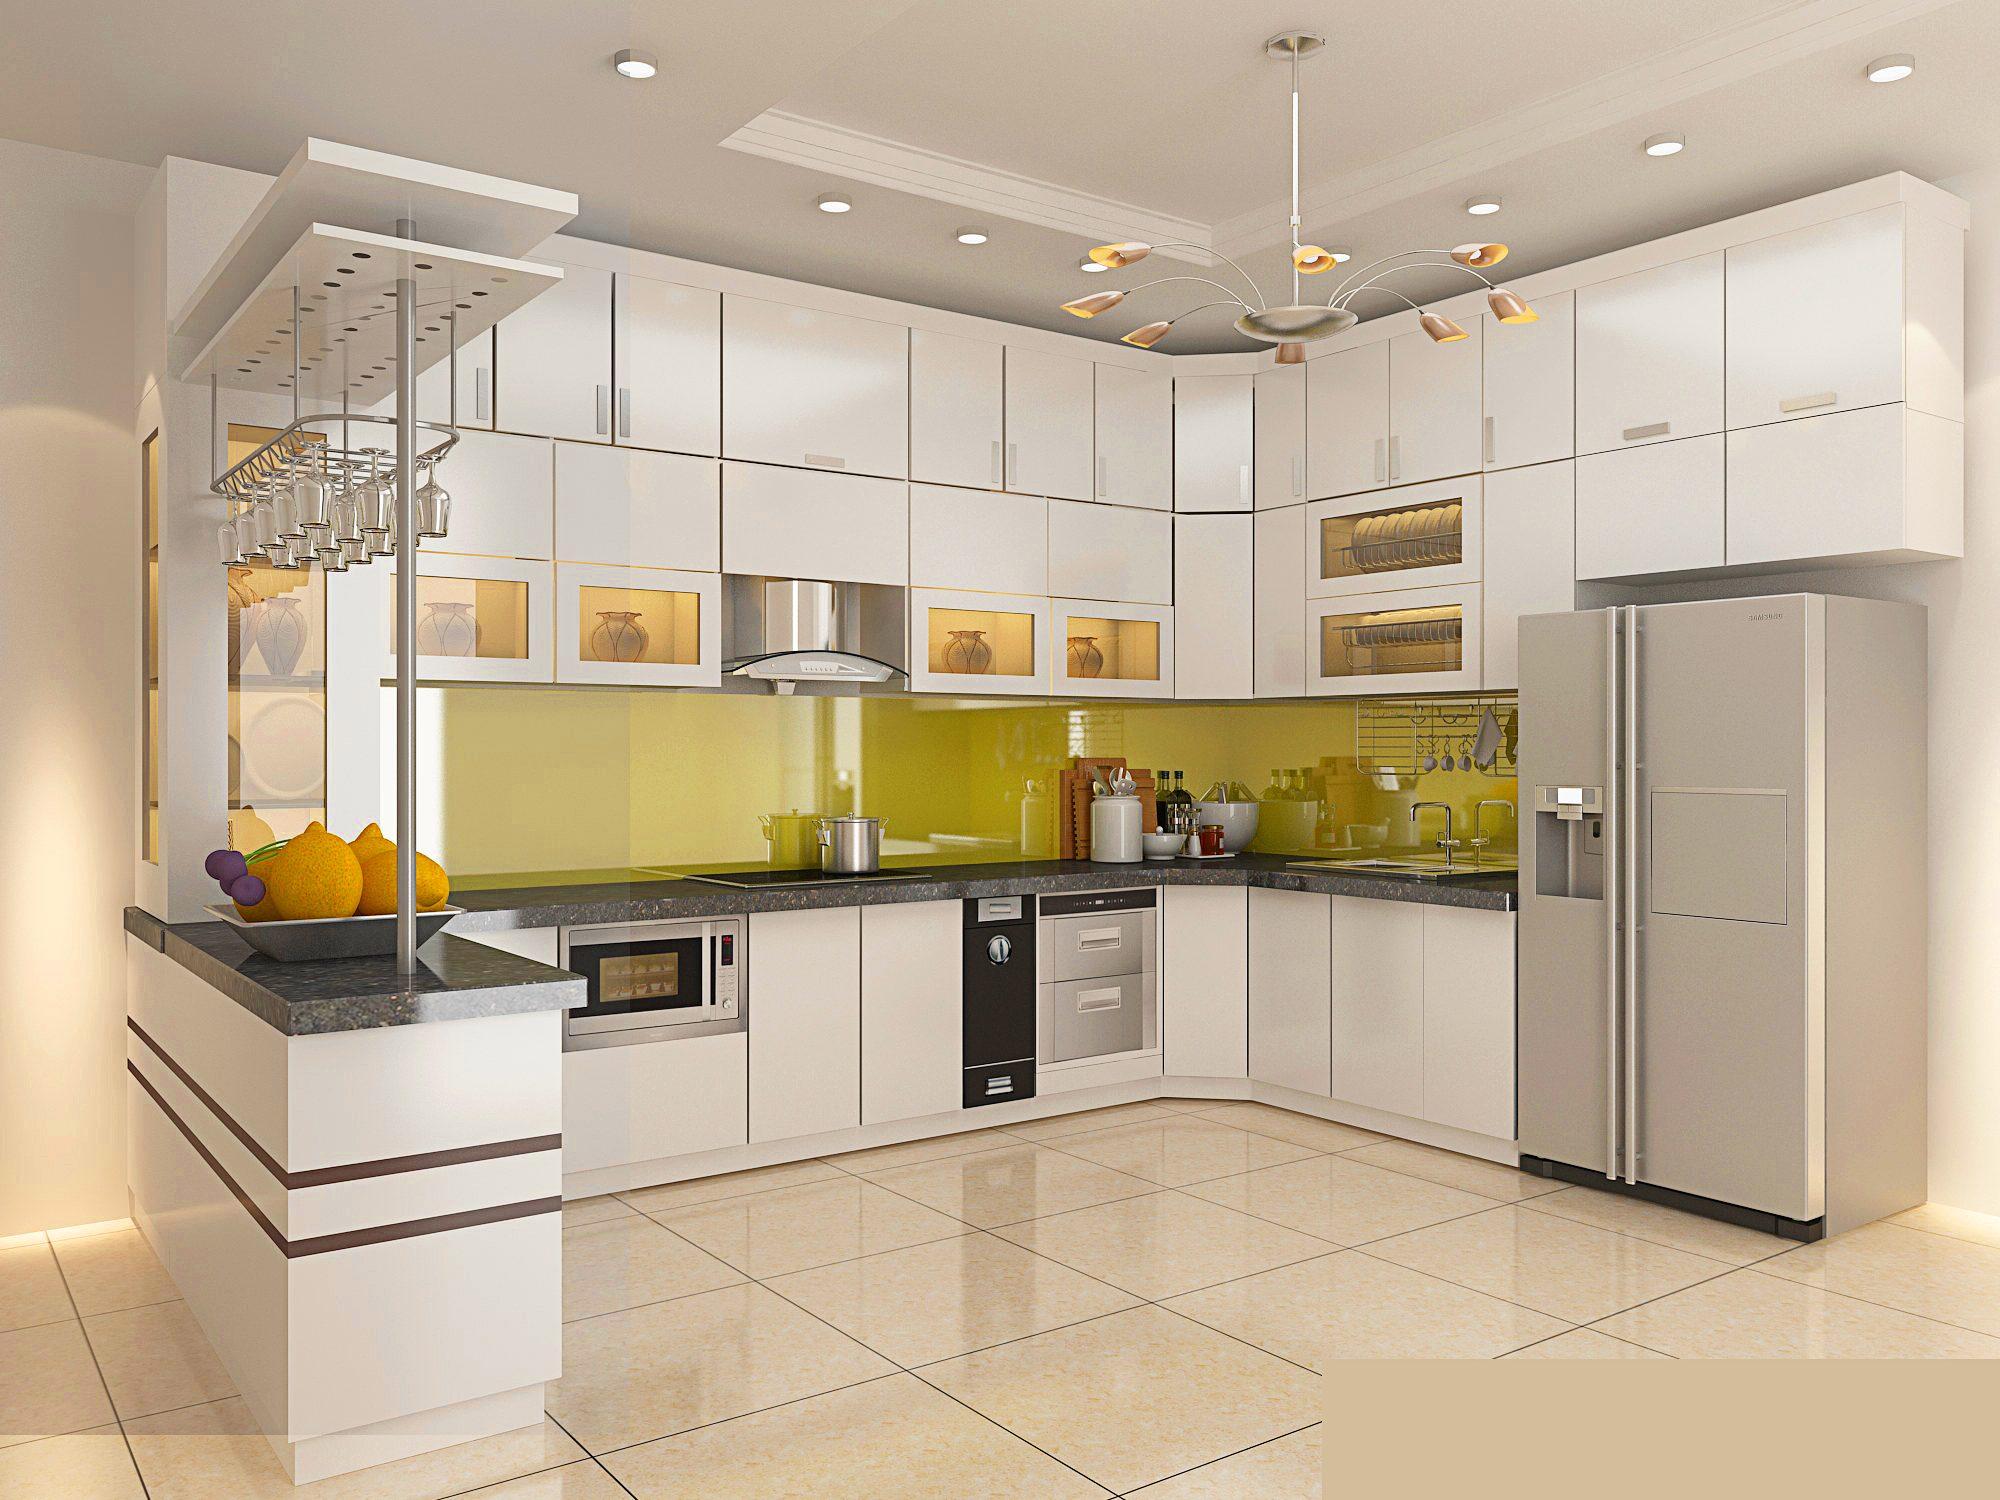 Nhà bếp Hải Phòng